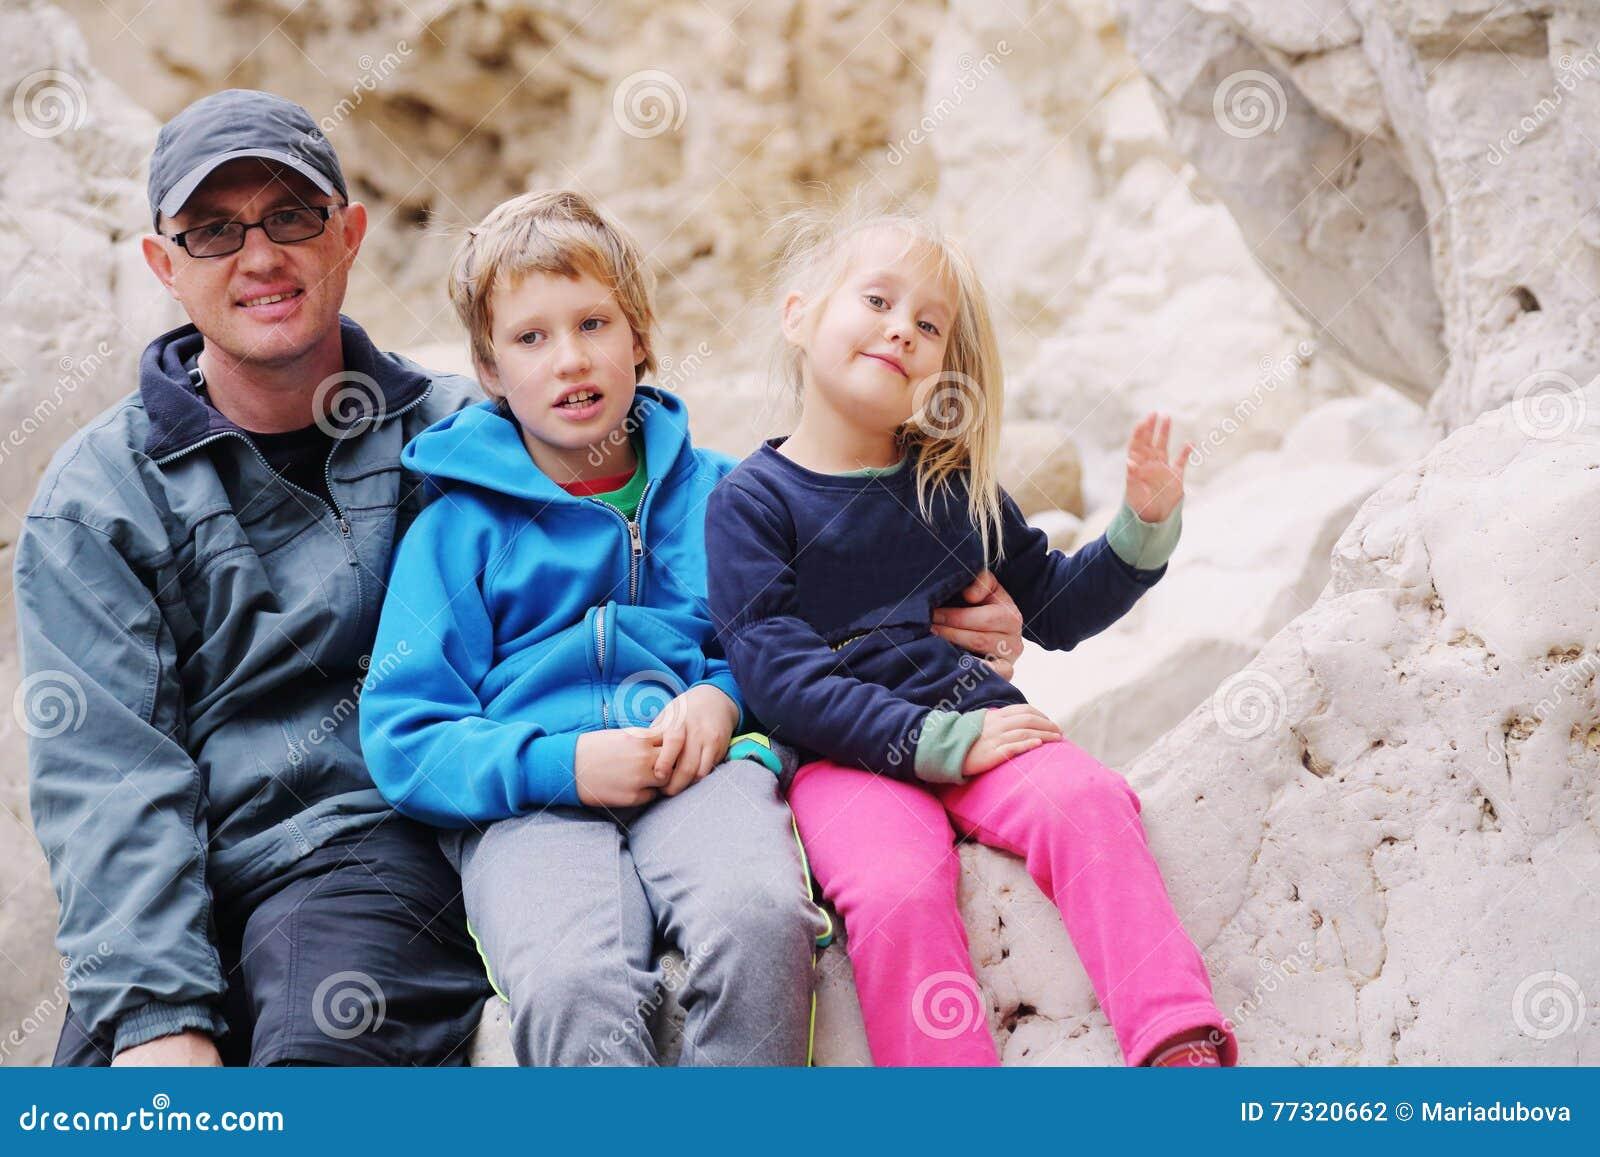 Retrato do pai com duas crianças